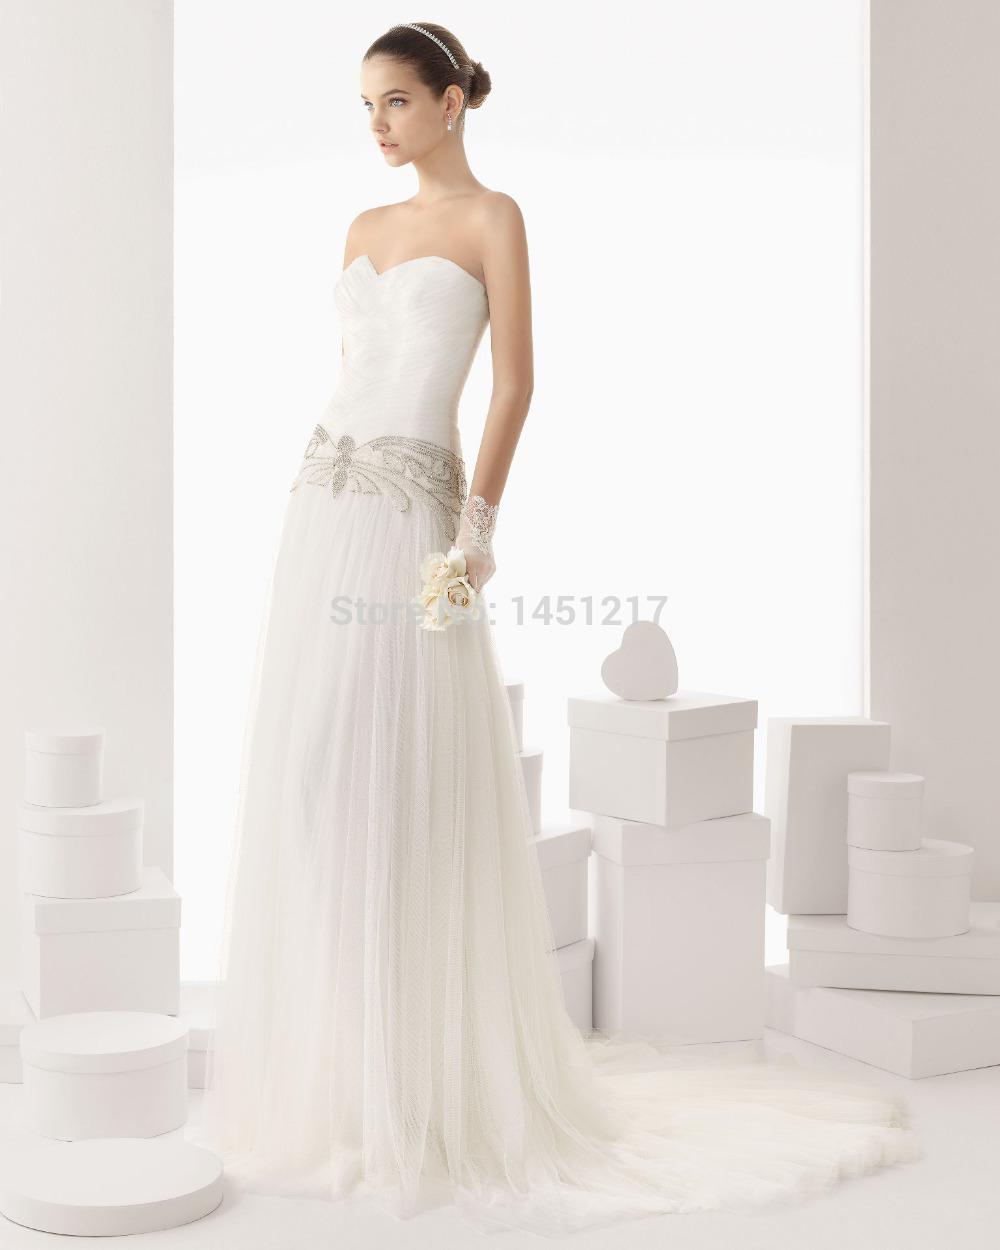 Meagan robe de mariage Bonne